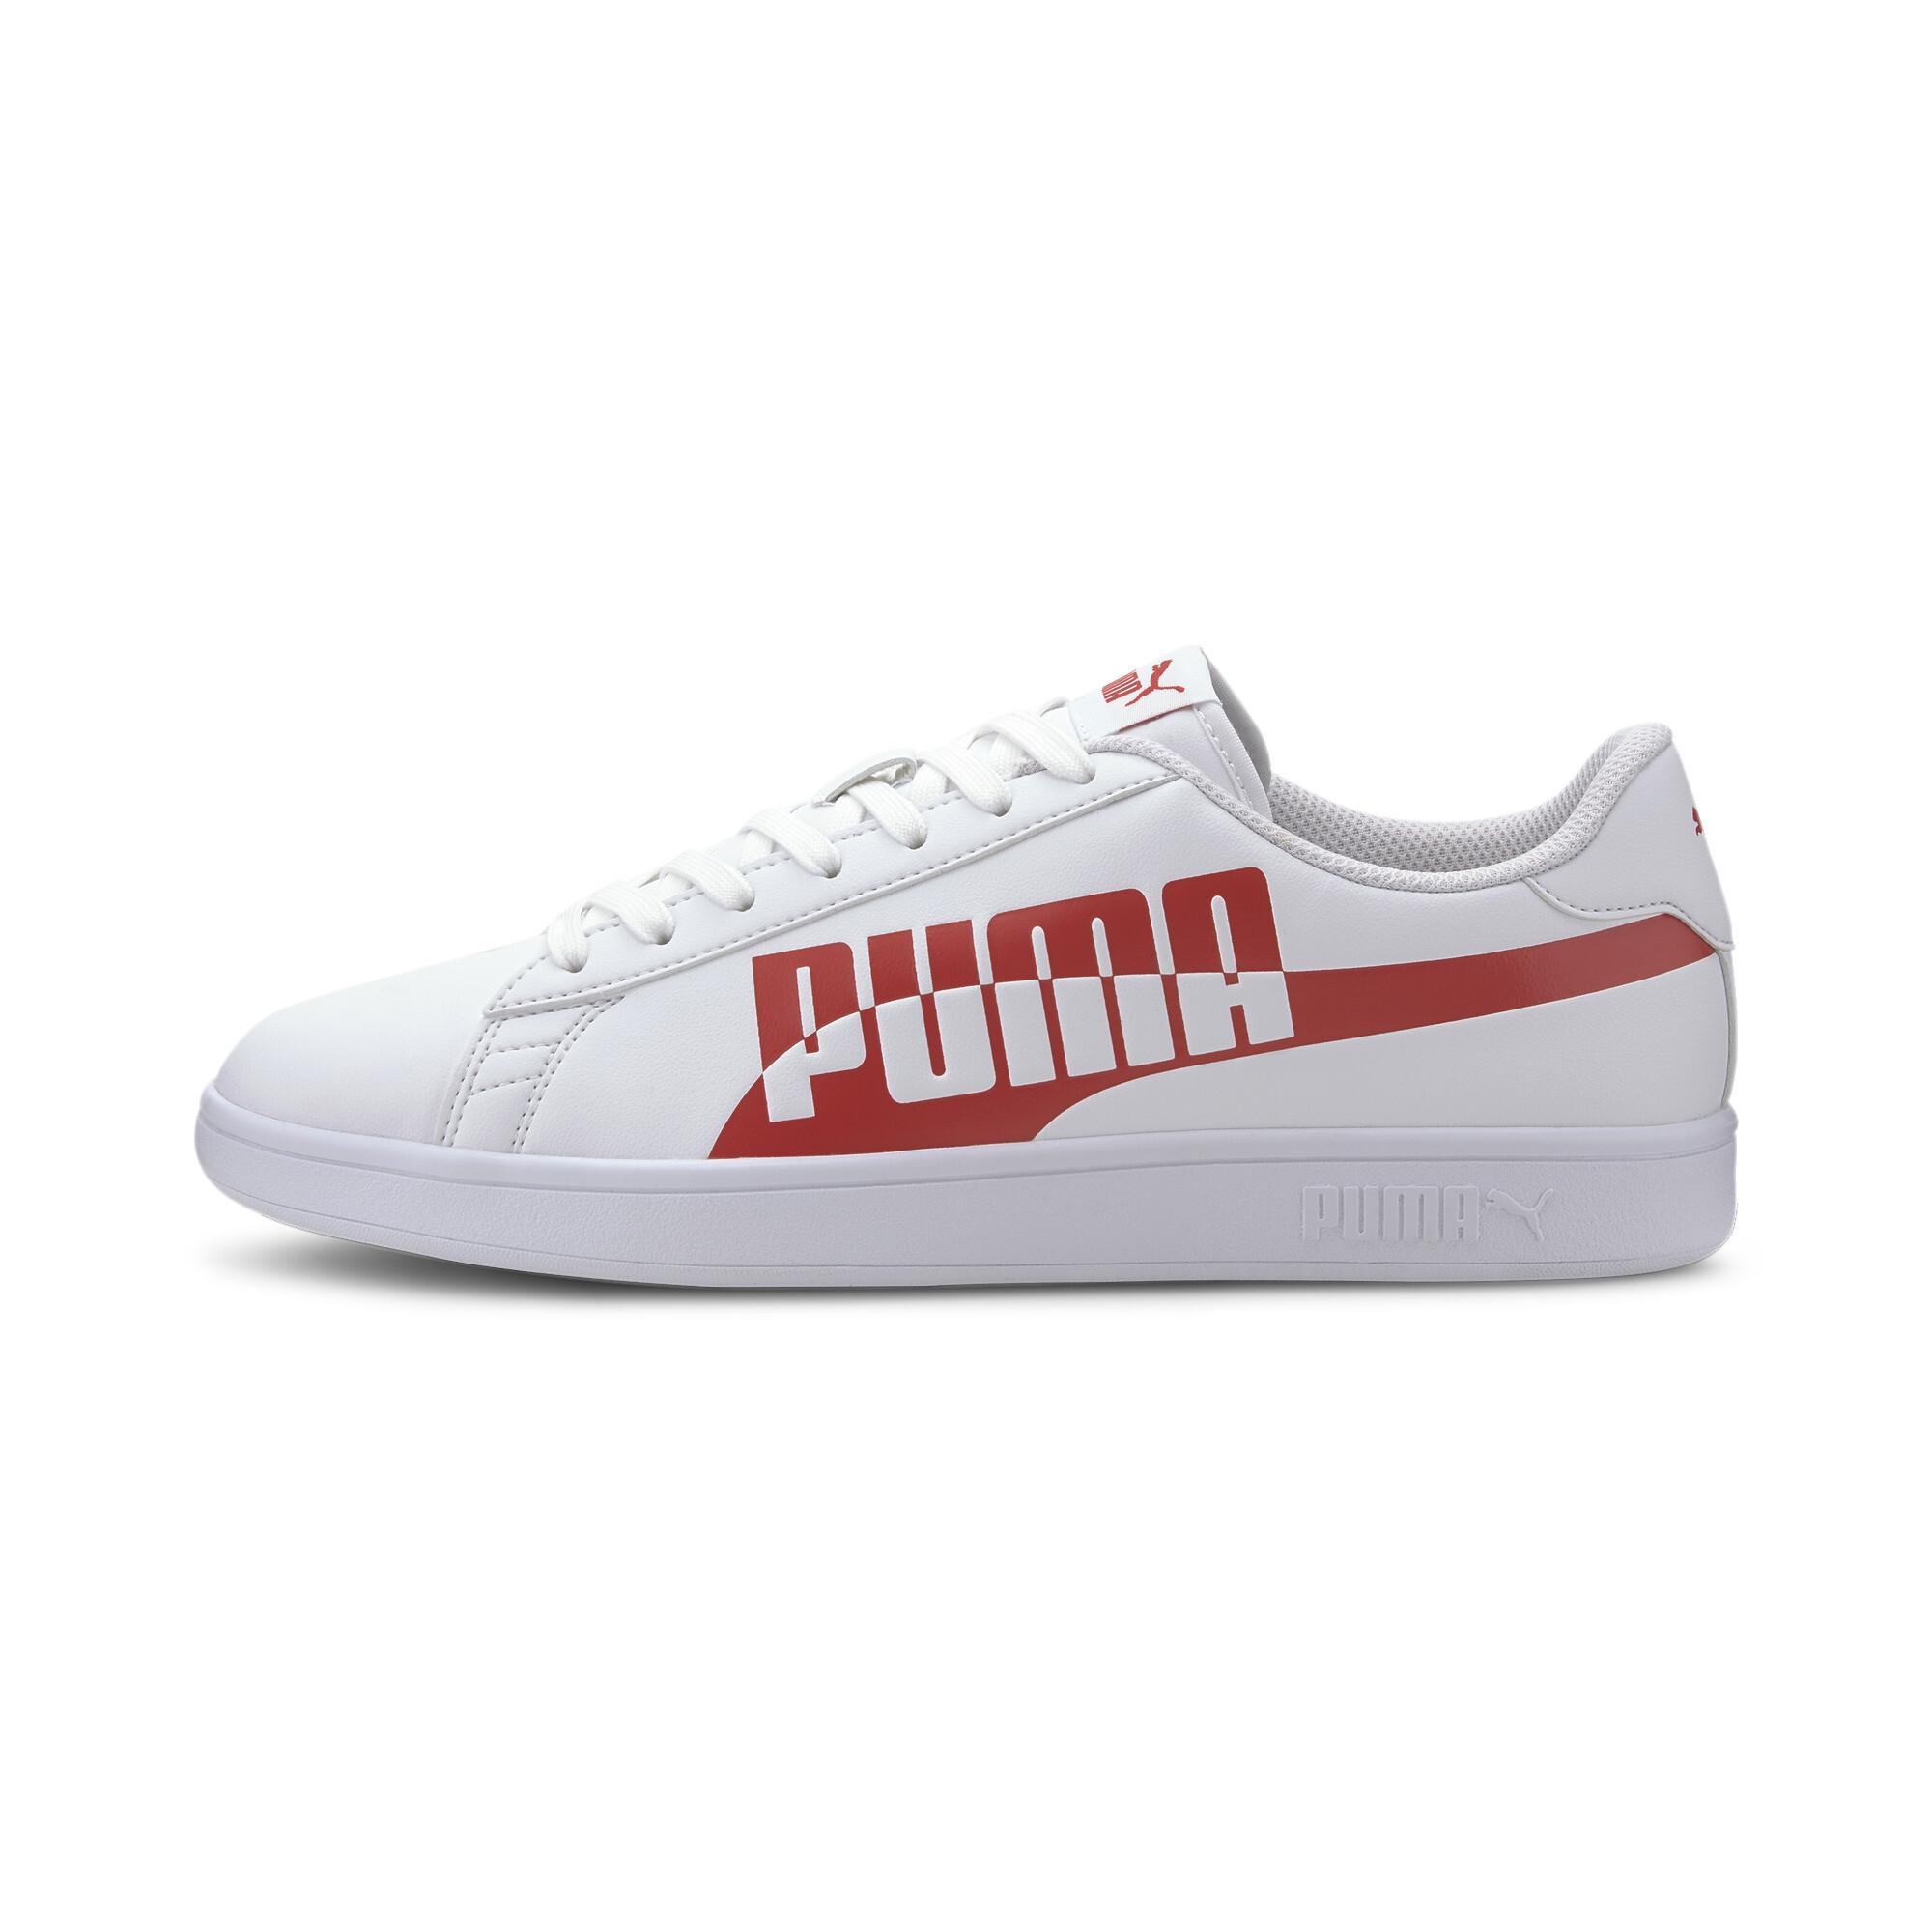 PUMA-PUMA-Smash-v2-Max-Sneakers-Men-Shoe-Basics thumbnail 19